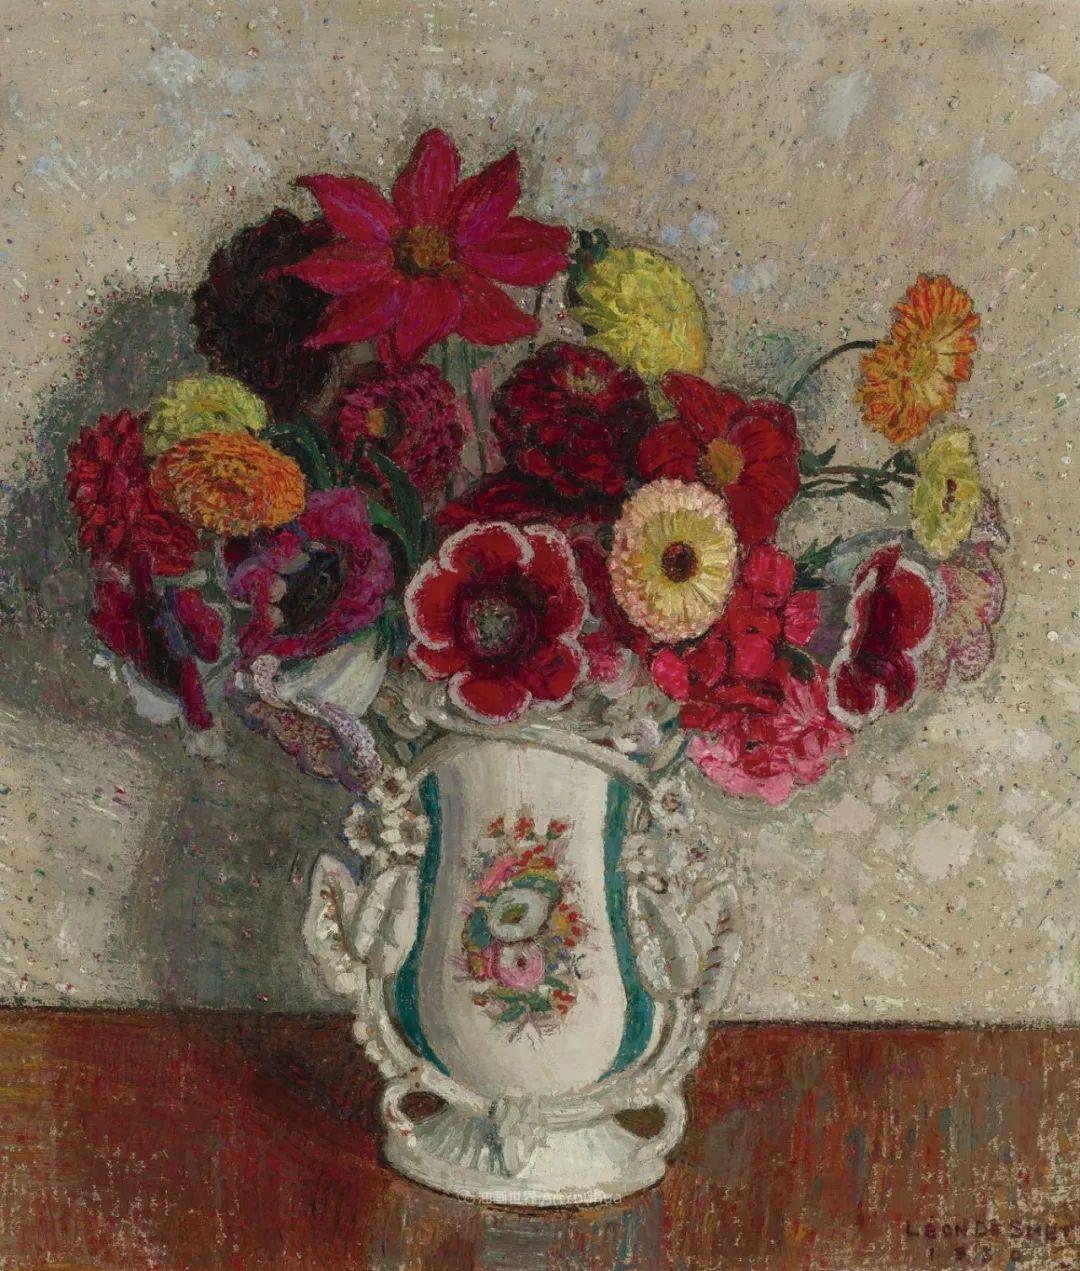 比利时画家 Léon de Smet  莱昂·德·史密特  作品欣赏插图49